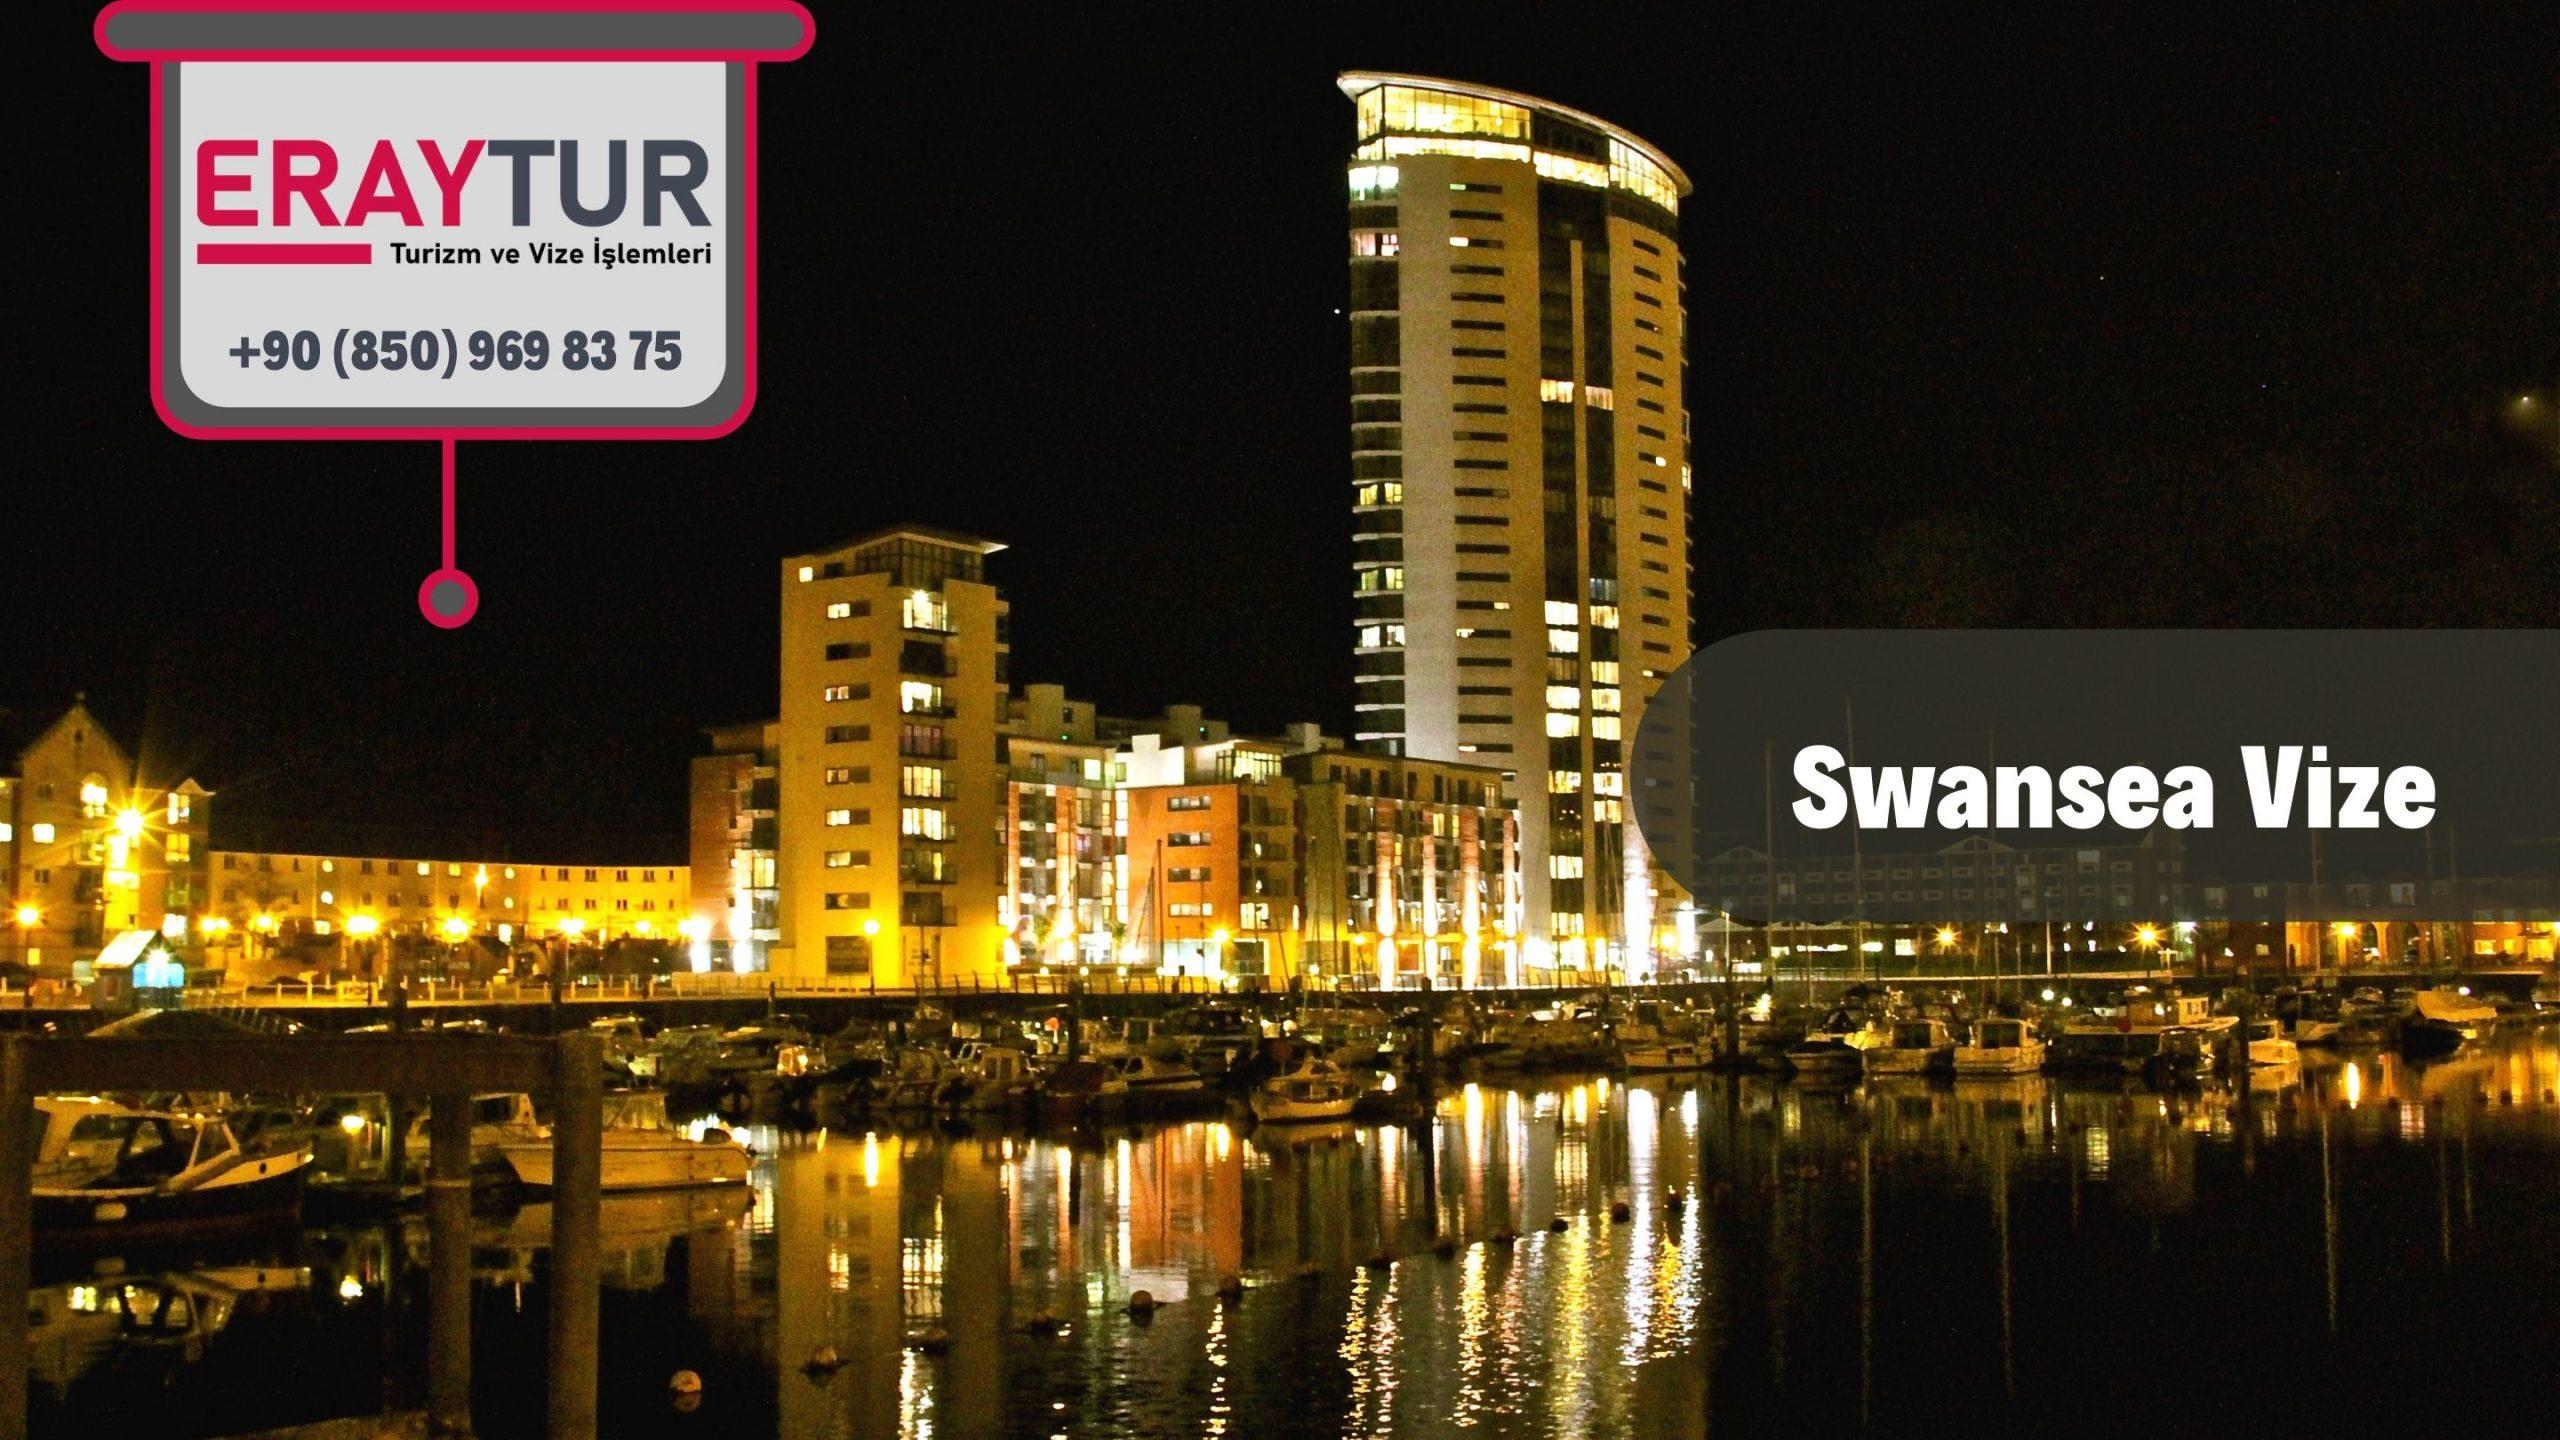 İngiltere Swansea Vize Başvurusu